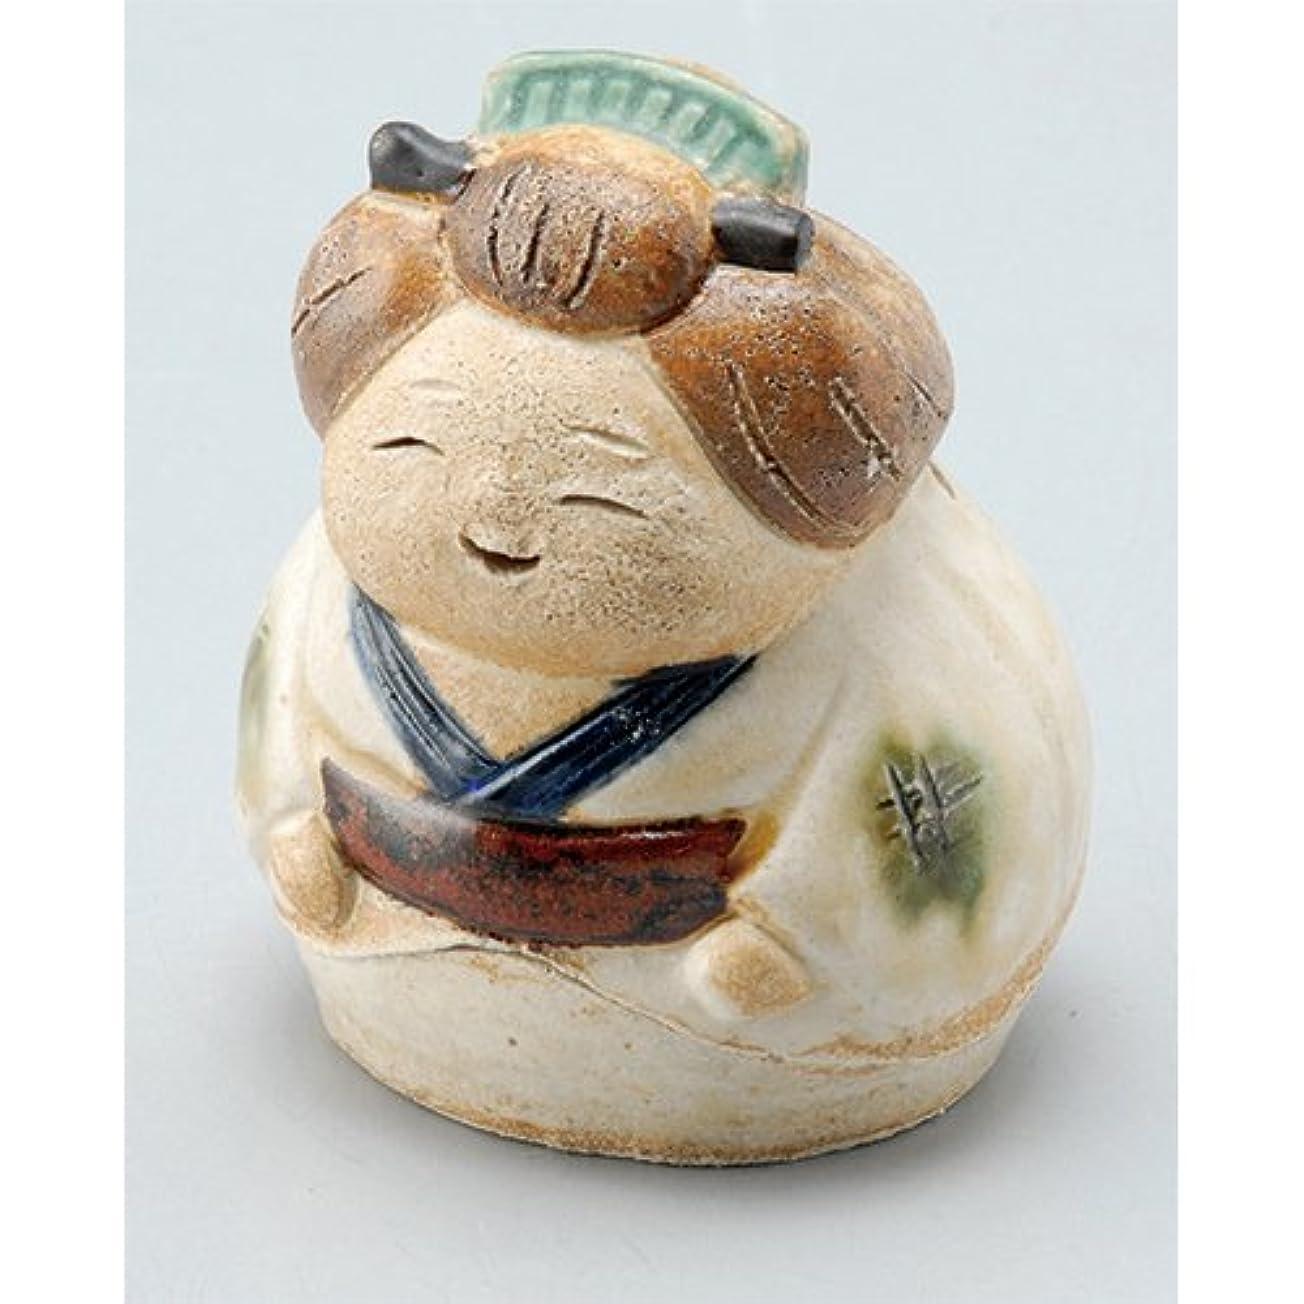 弾薬鹿ロデオ香炉 飾り香炉(お多福) [H7cm] HANDMADE プレゼント ギフト 和食器 かわいい インテリア